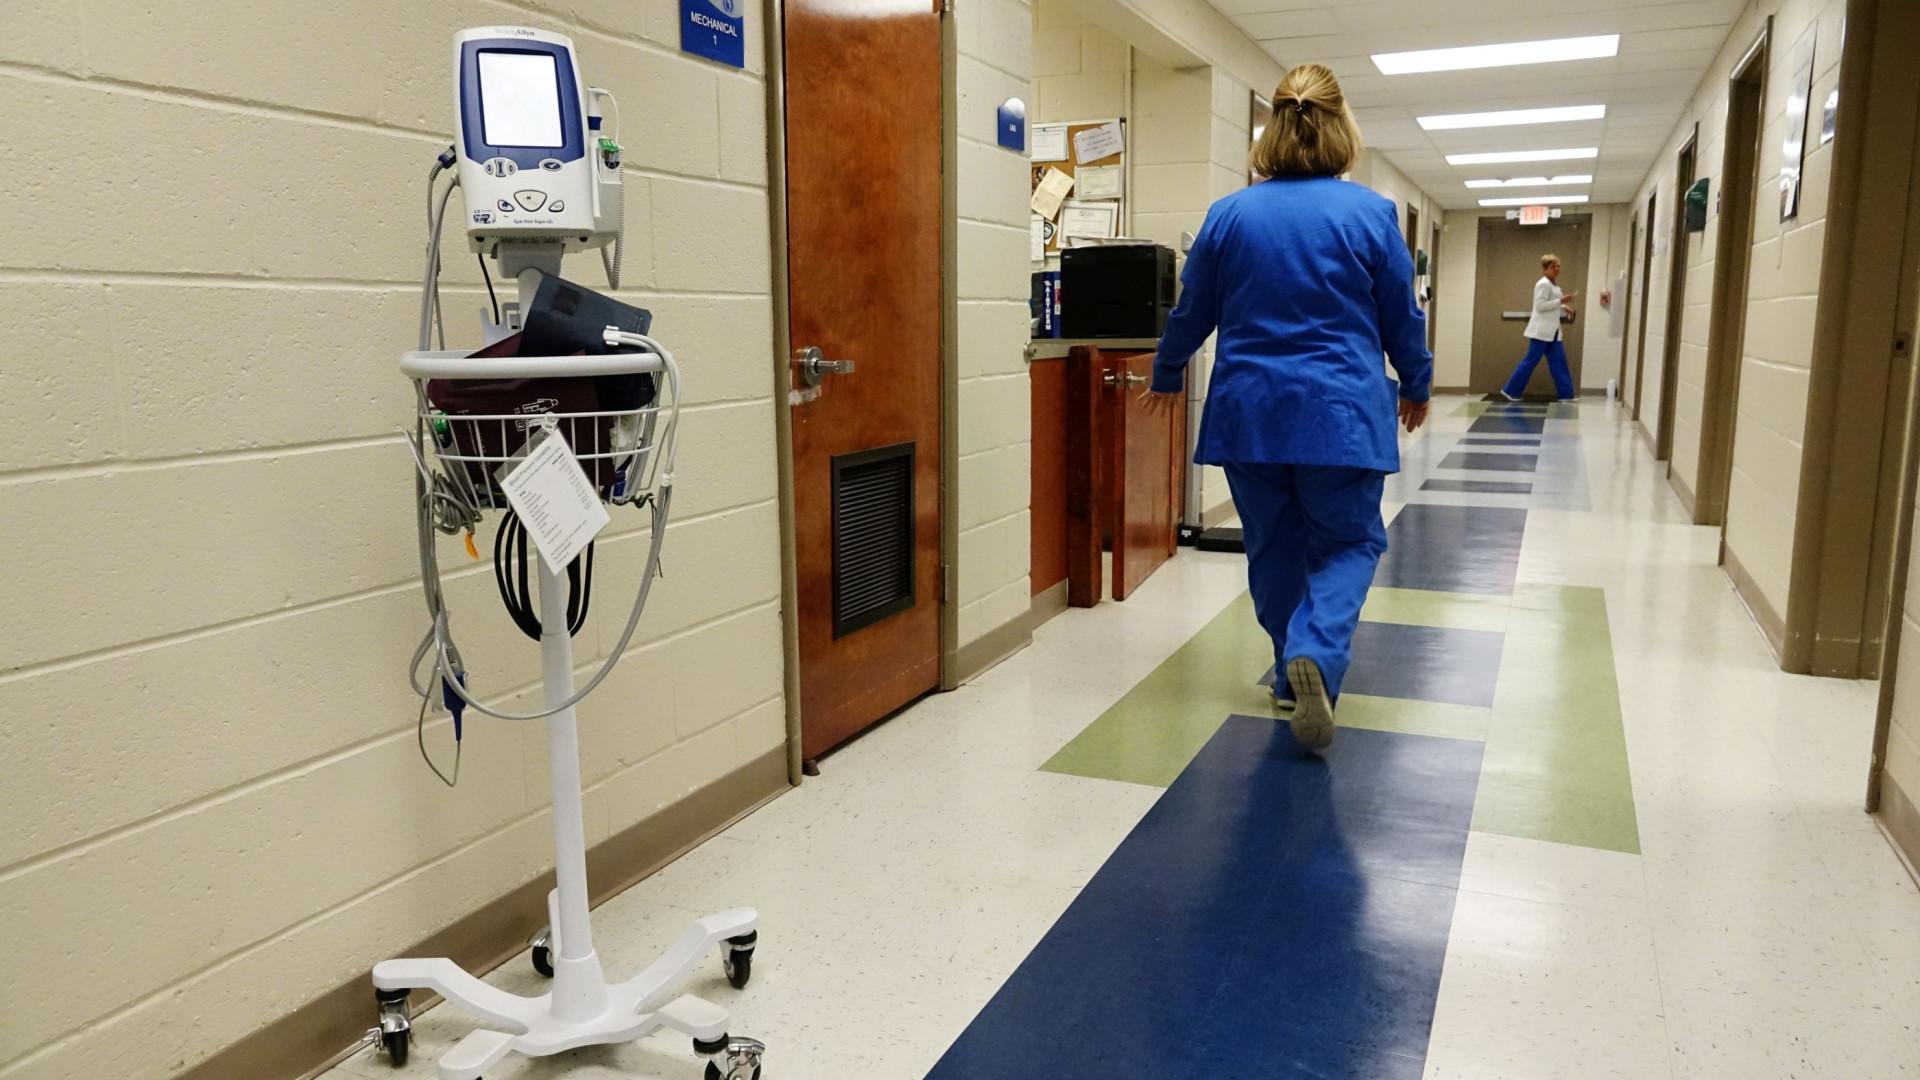 Destaque a hospitais e à ciência amplia busca por cursos de Saúde na pandemia